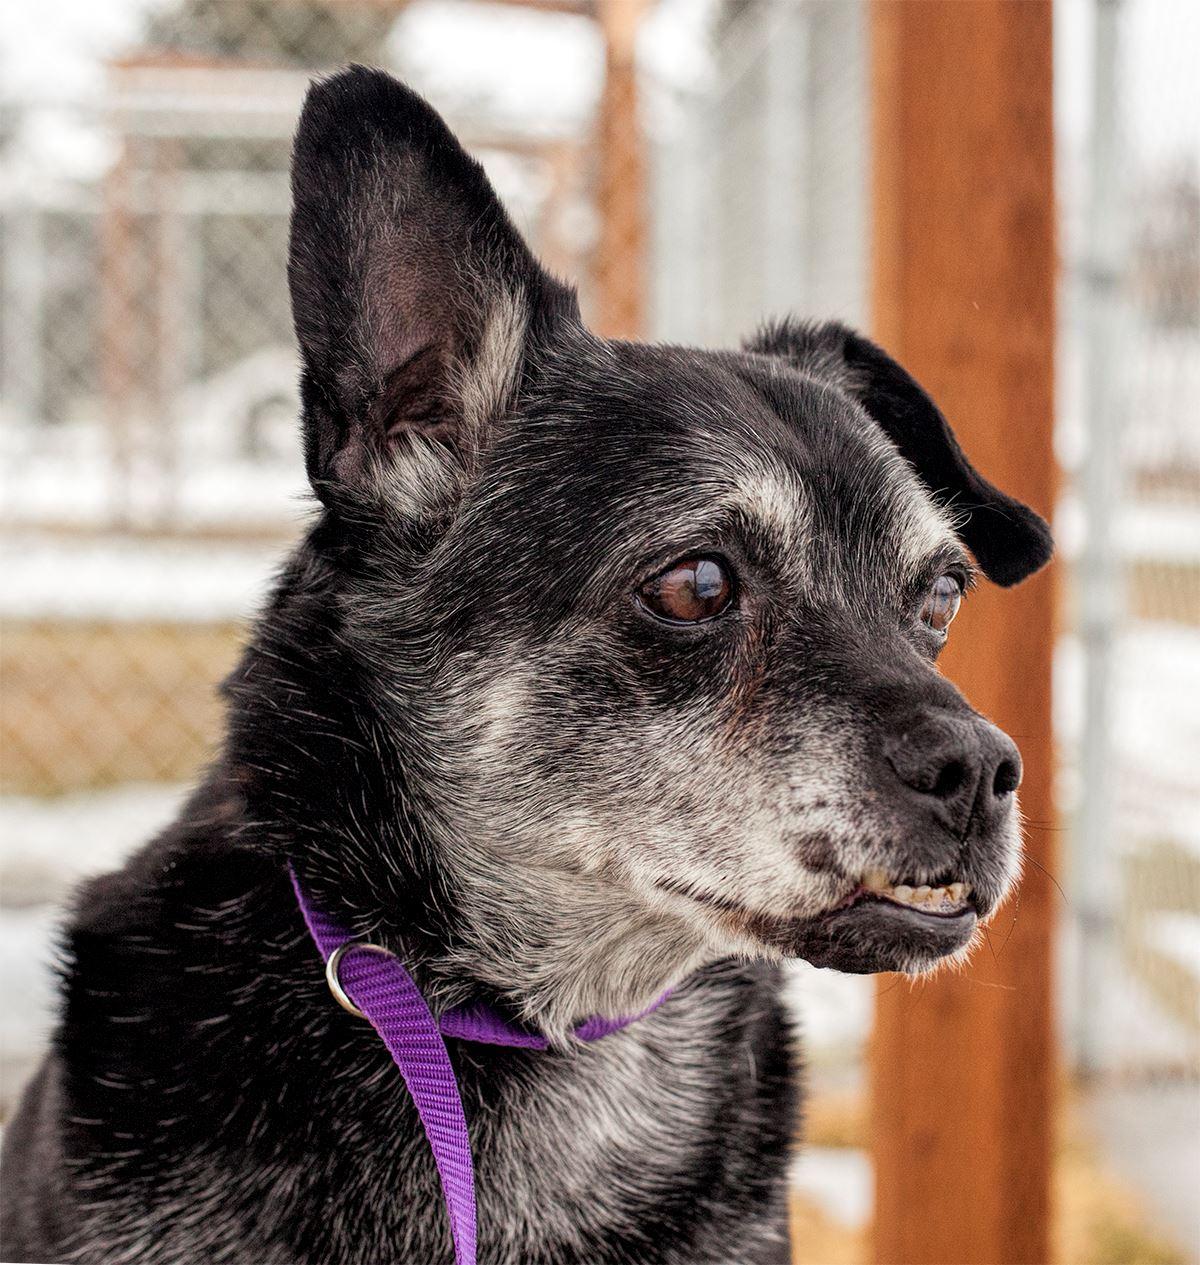 SCRAPS - Regional Animal Protection | Spokane County, WA